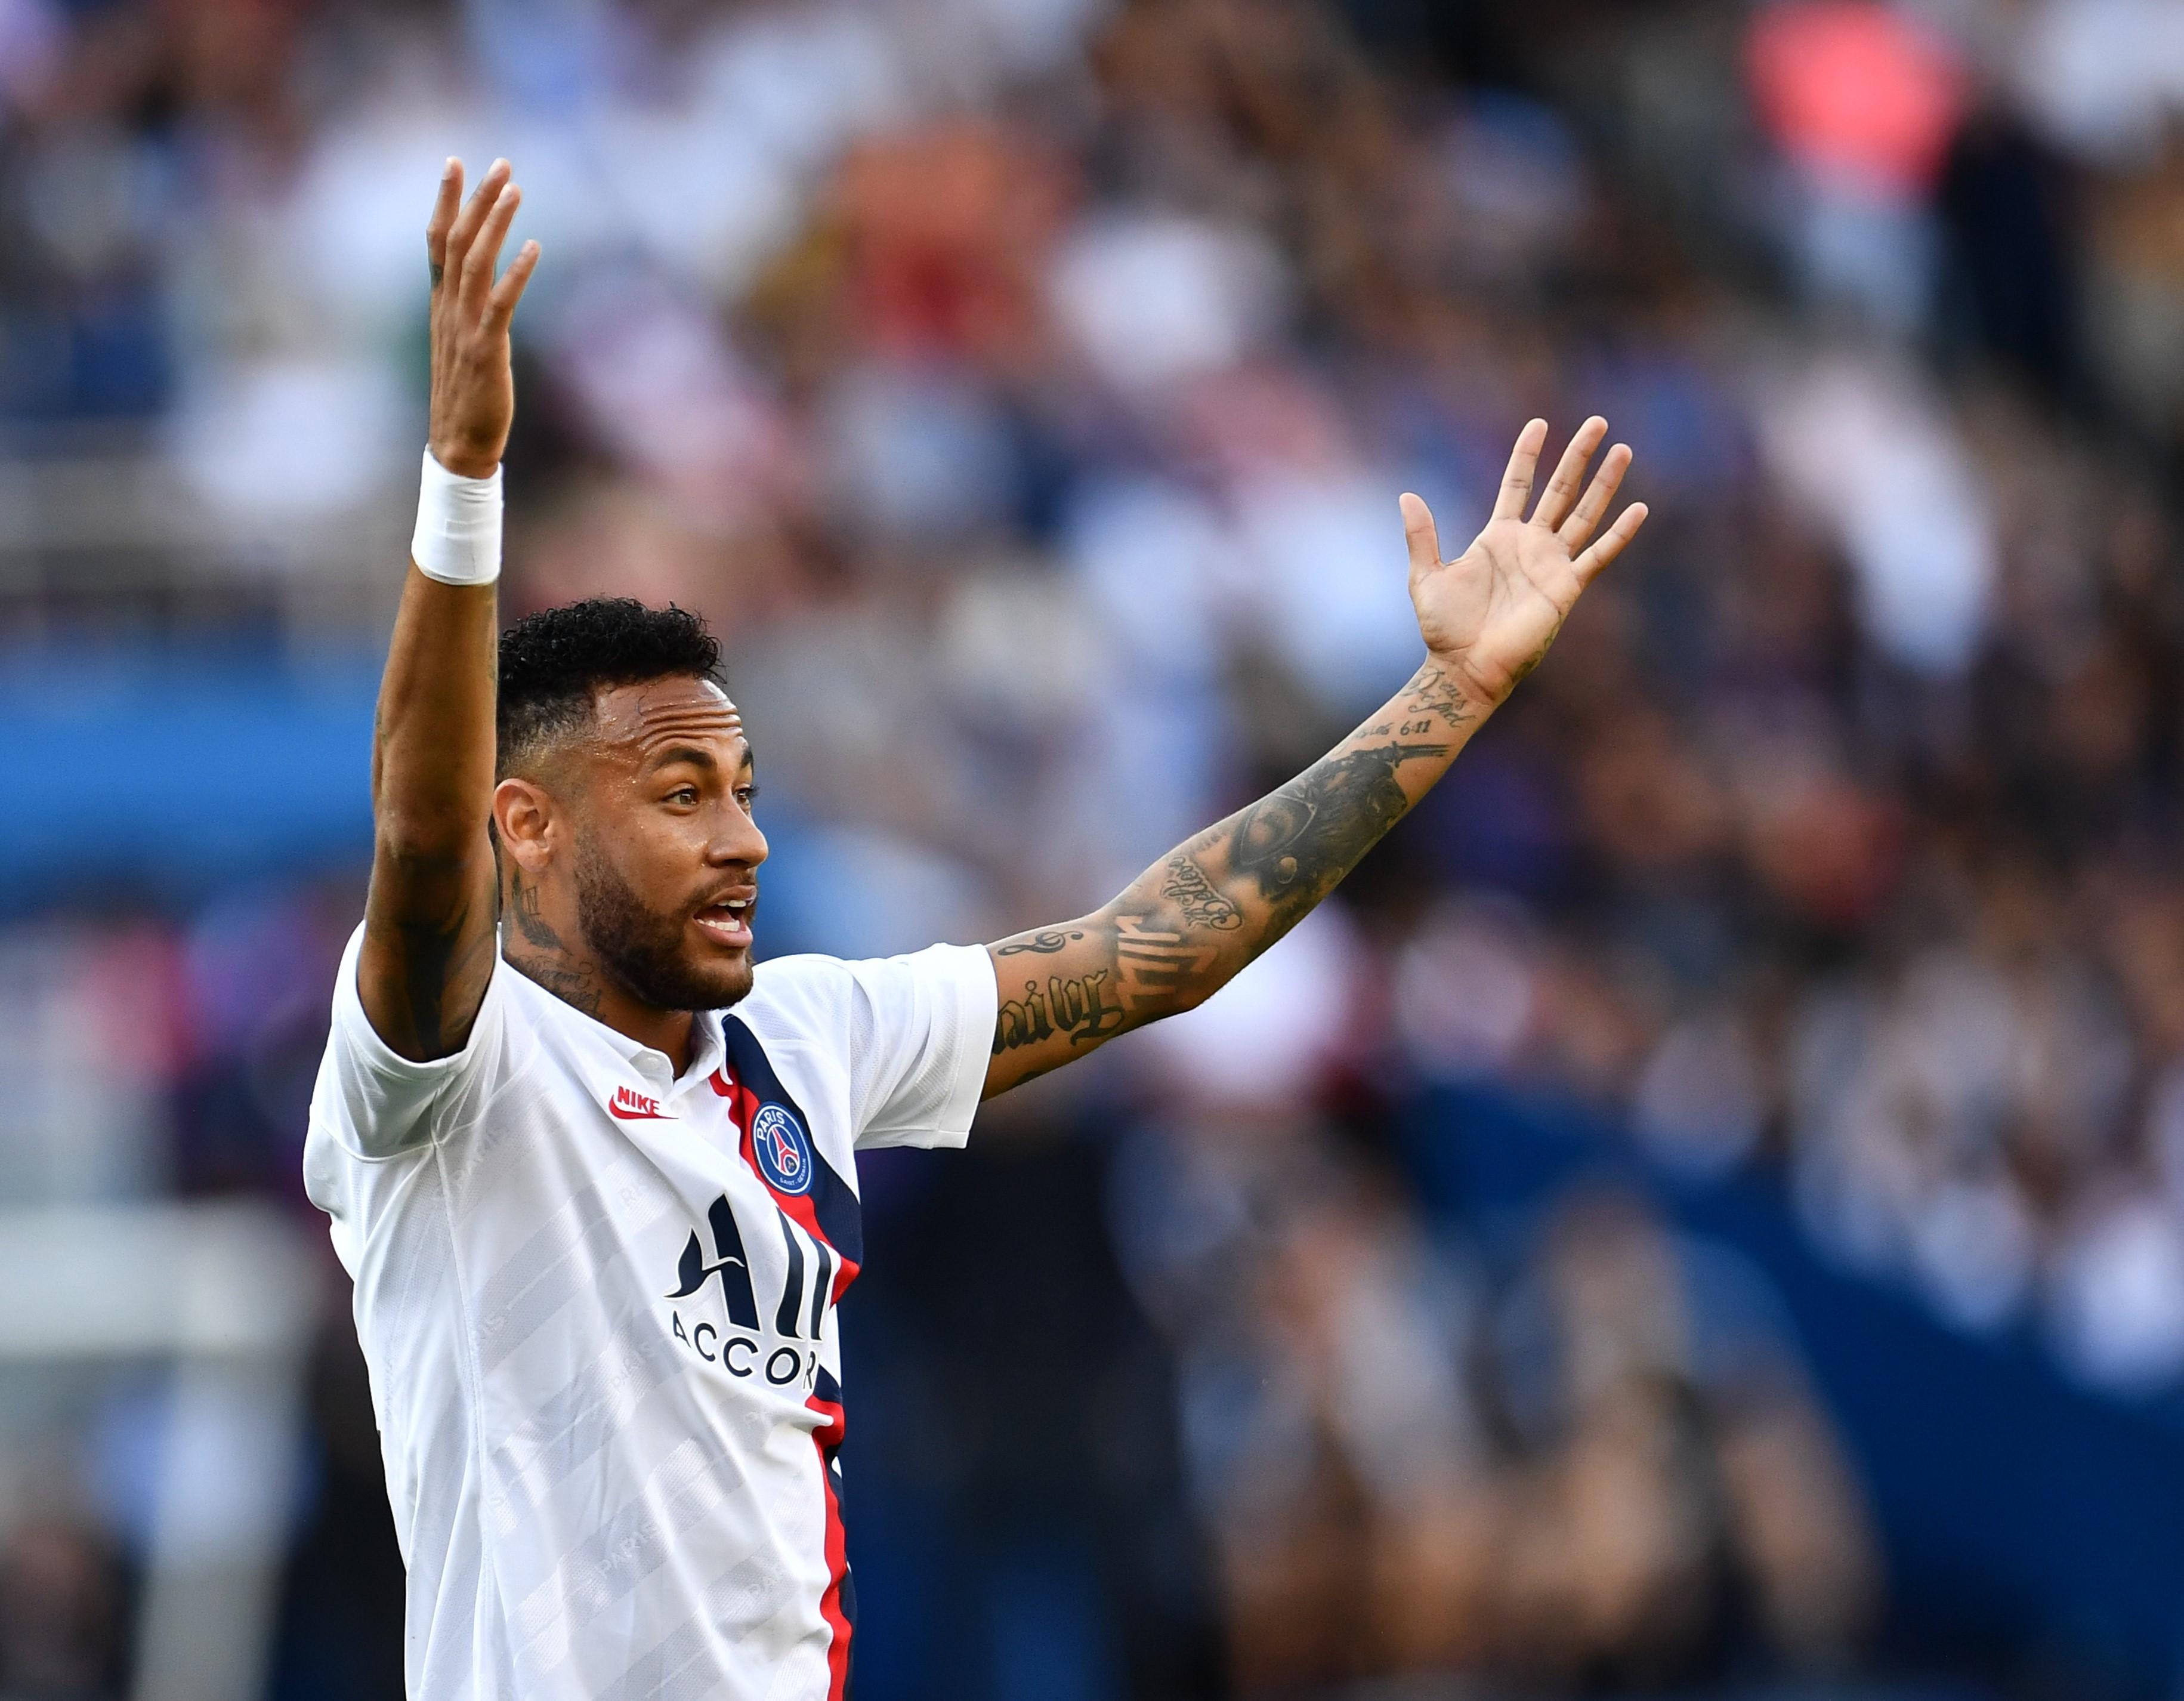 Neymar: Egyedül azt sajnálom, hogy nem vágtam pofán azt a seggfejt